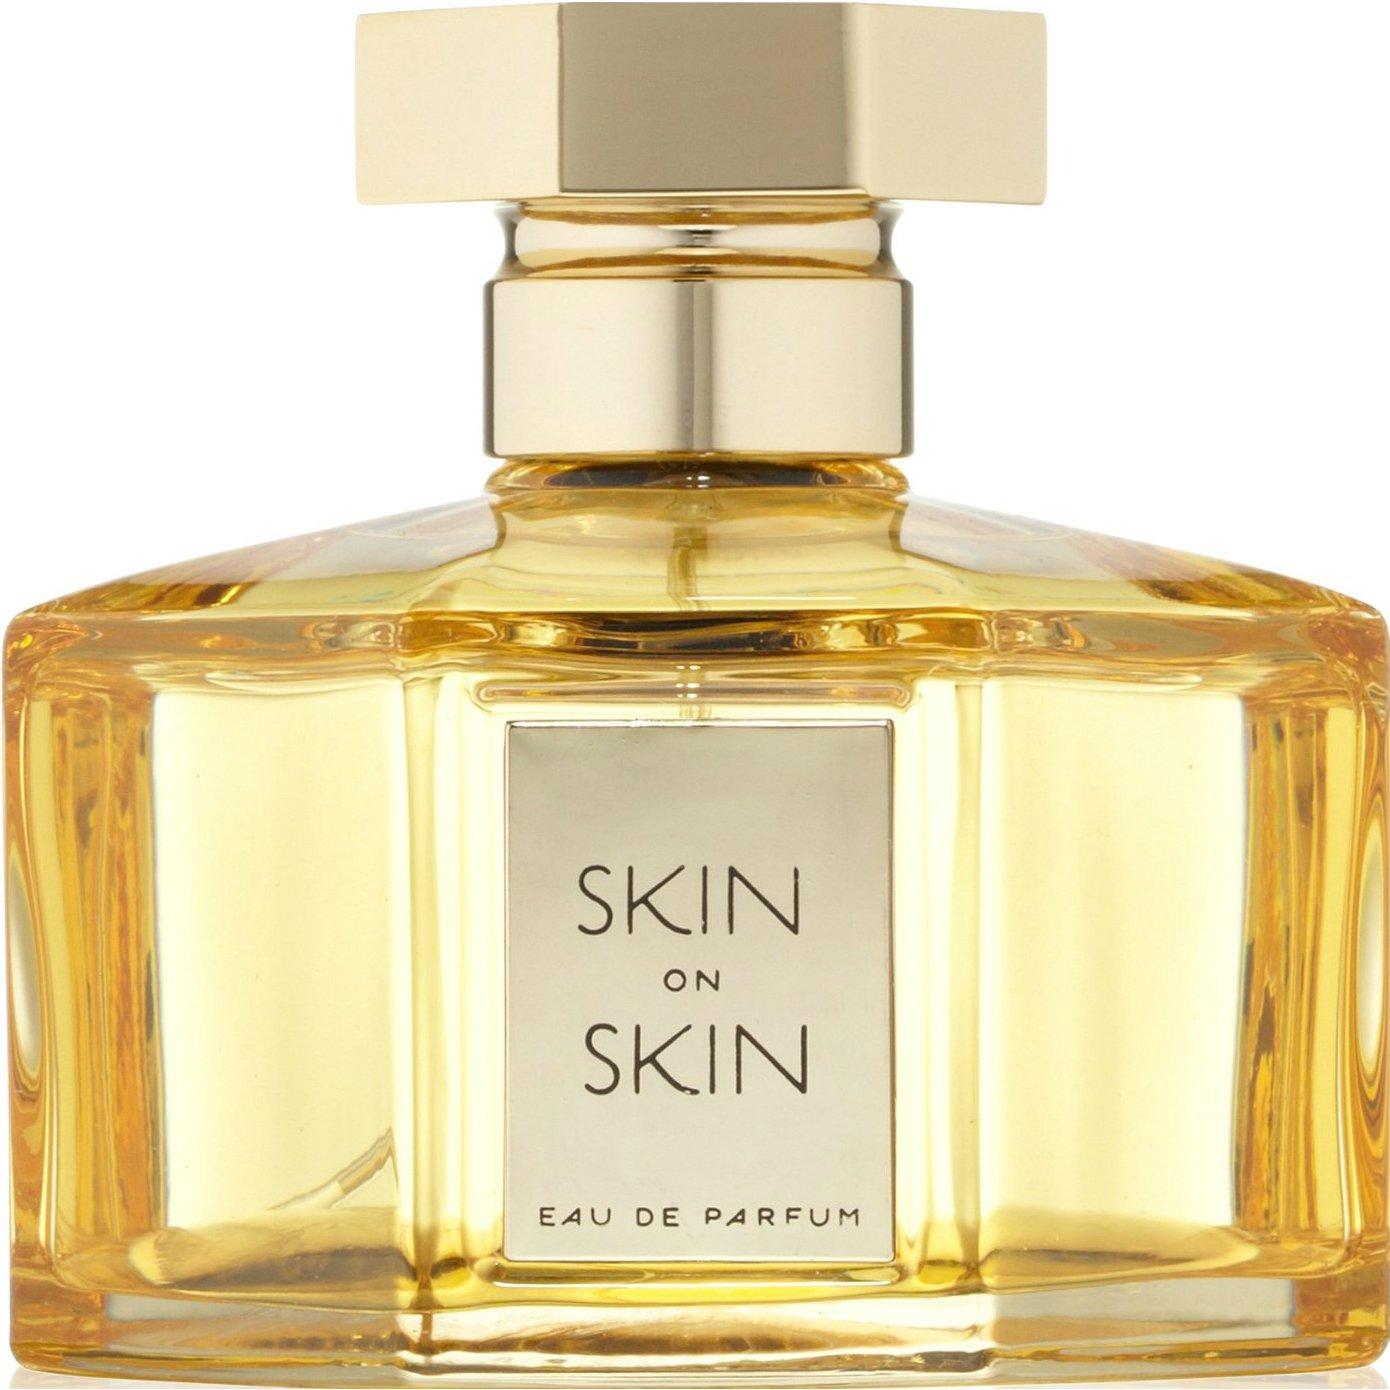 Skin on Skin Skin on Skin 125 мл (унисекс)